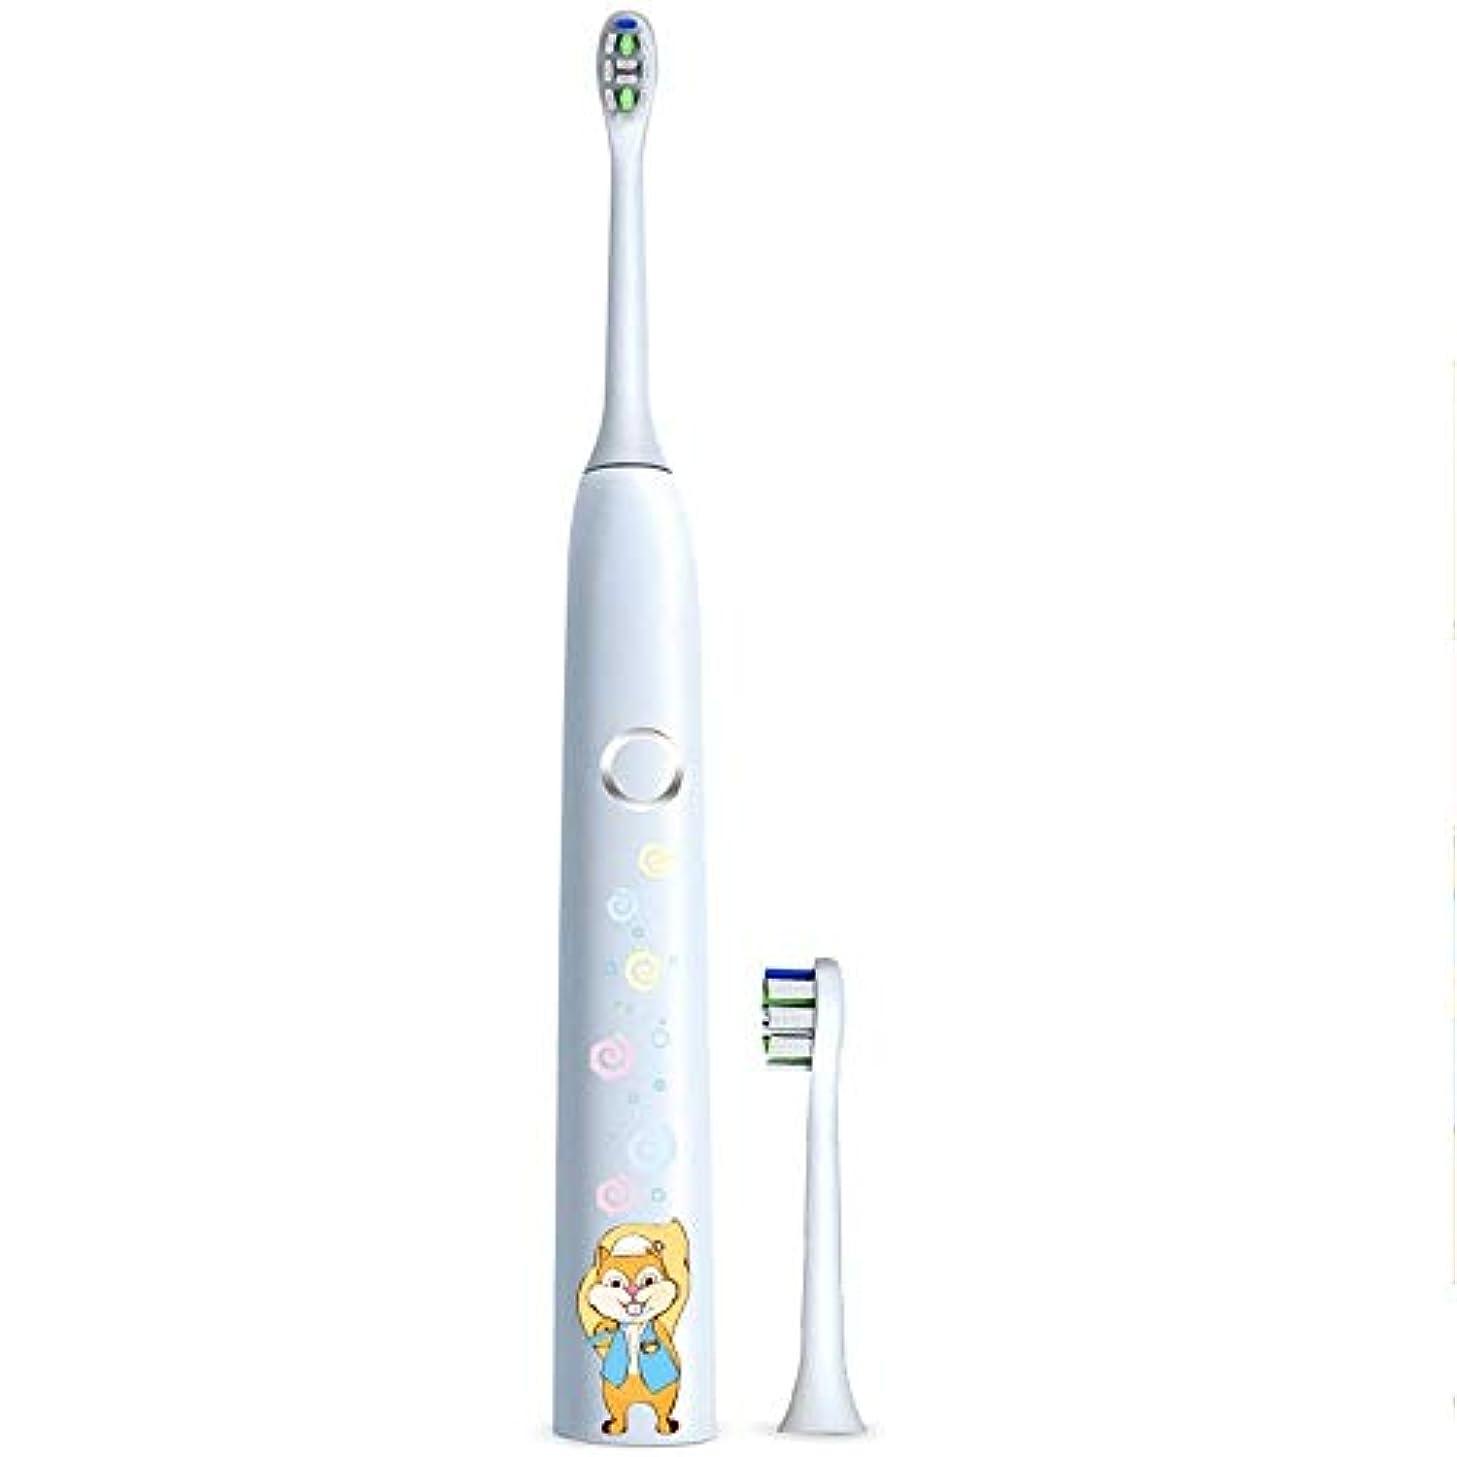 フロント誓う管理者電動歯ブラシ 子供の電動歯ブラシ保護クリーンUSB充電式ソフトヘア歯ブラシ歯医者推奨 ケアー プロテクトクリーン (色 : 白, サイズ : Free size)